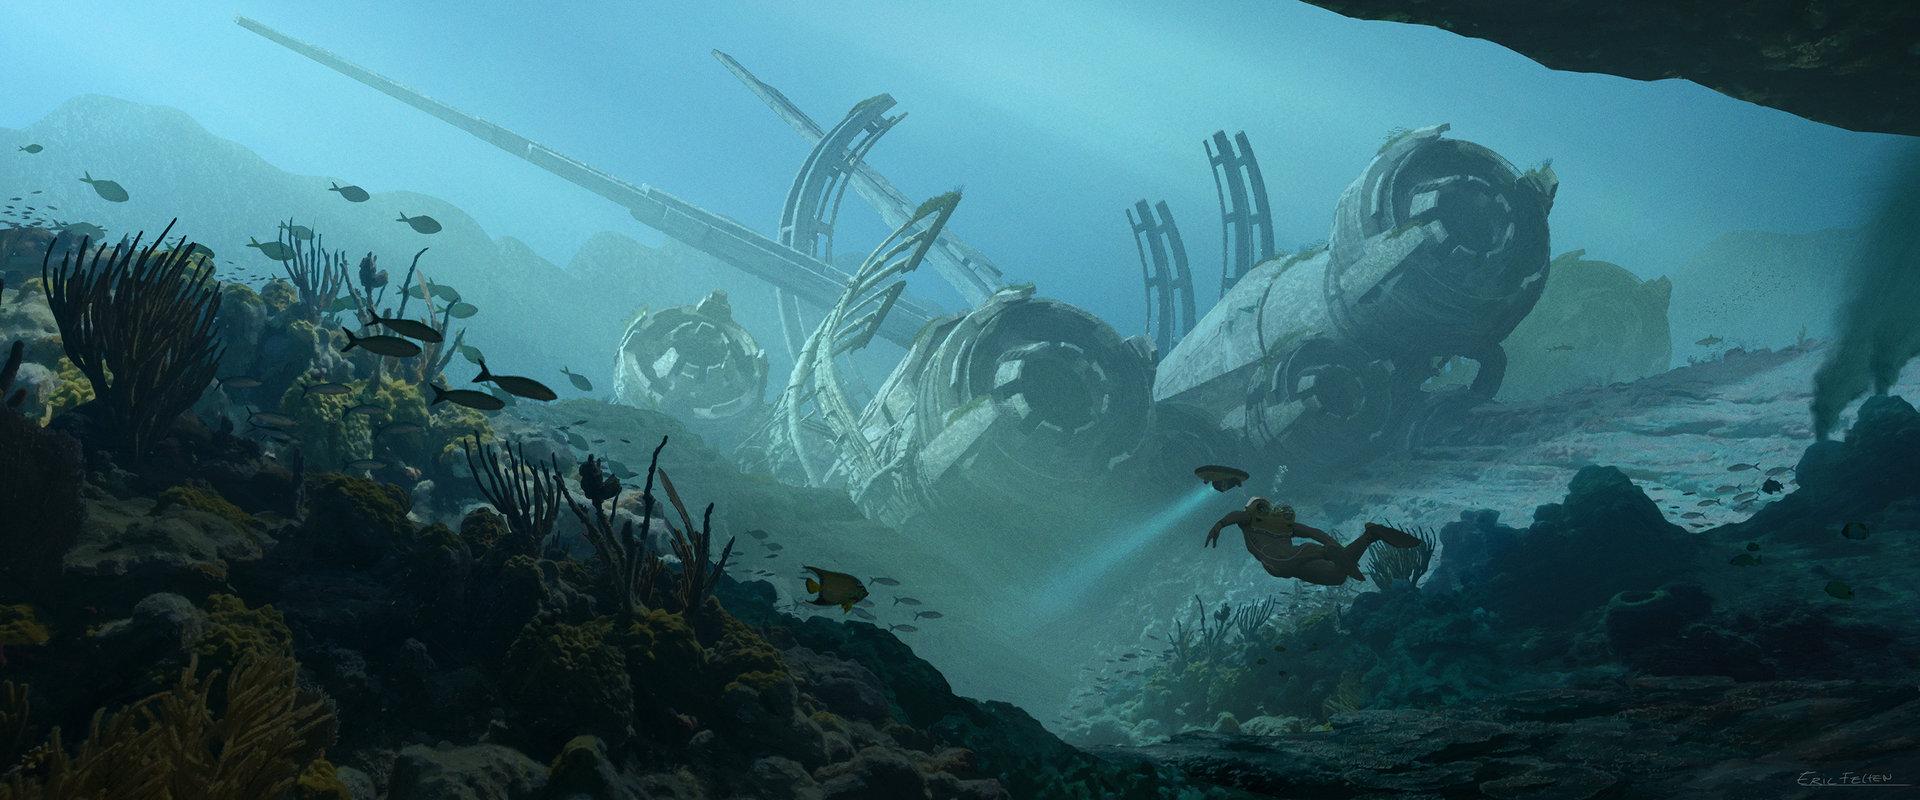 eric-felten-ship-wreck-final